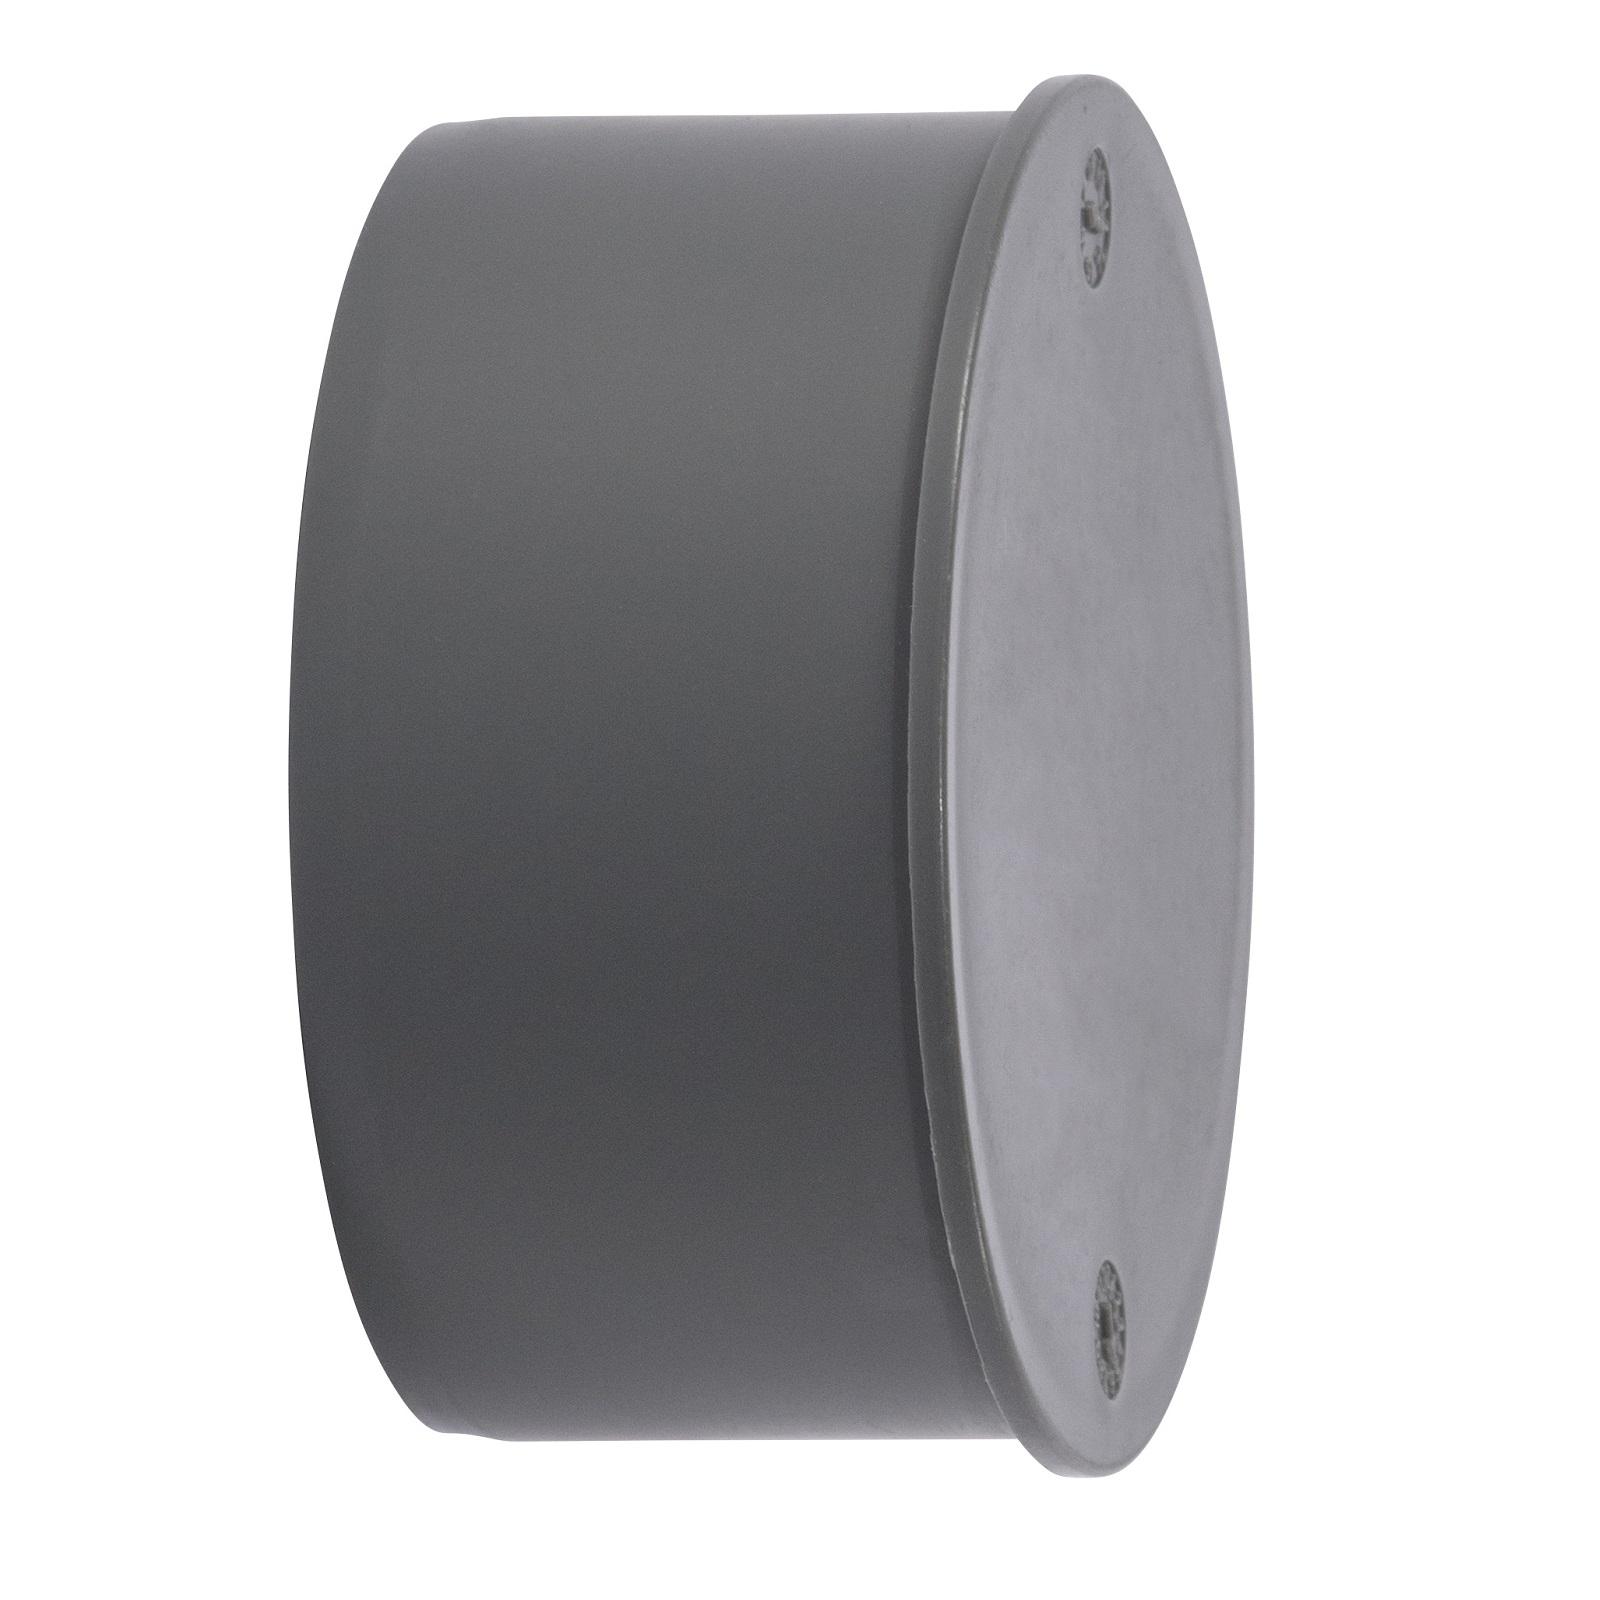 HTSafe Muffenstopfen DN75 Kunststoff Rohr Stopfen Deckel grau